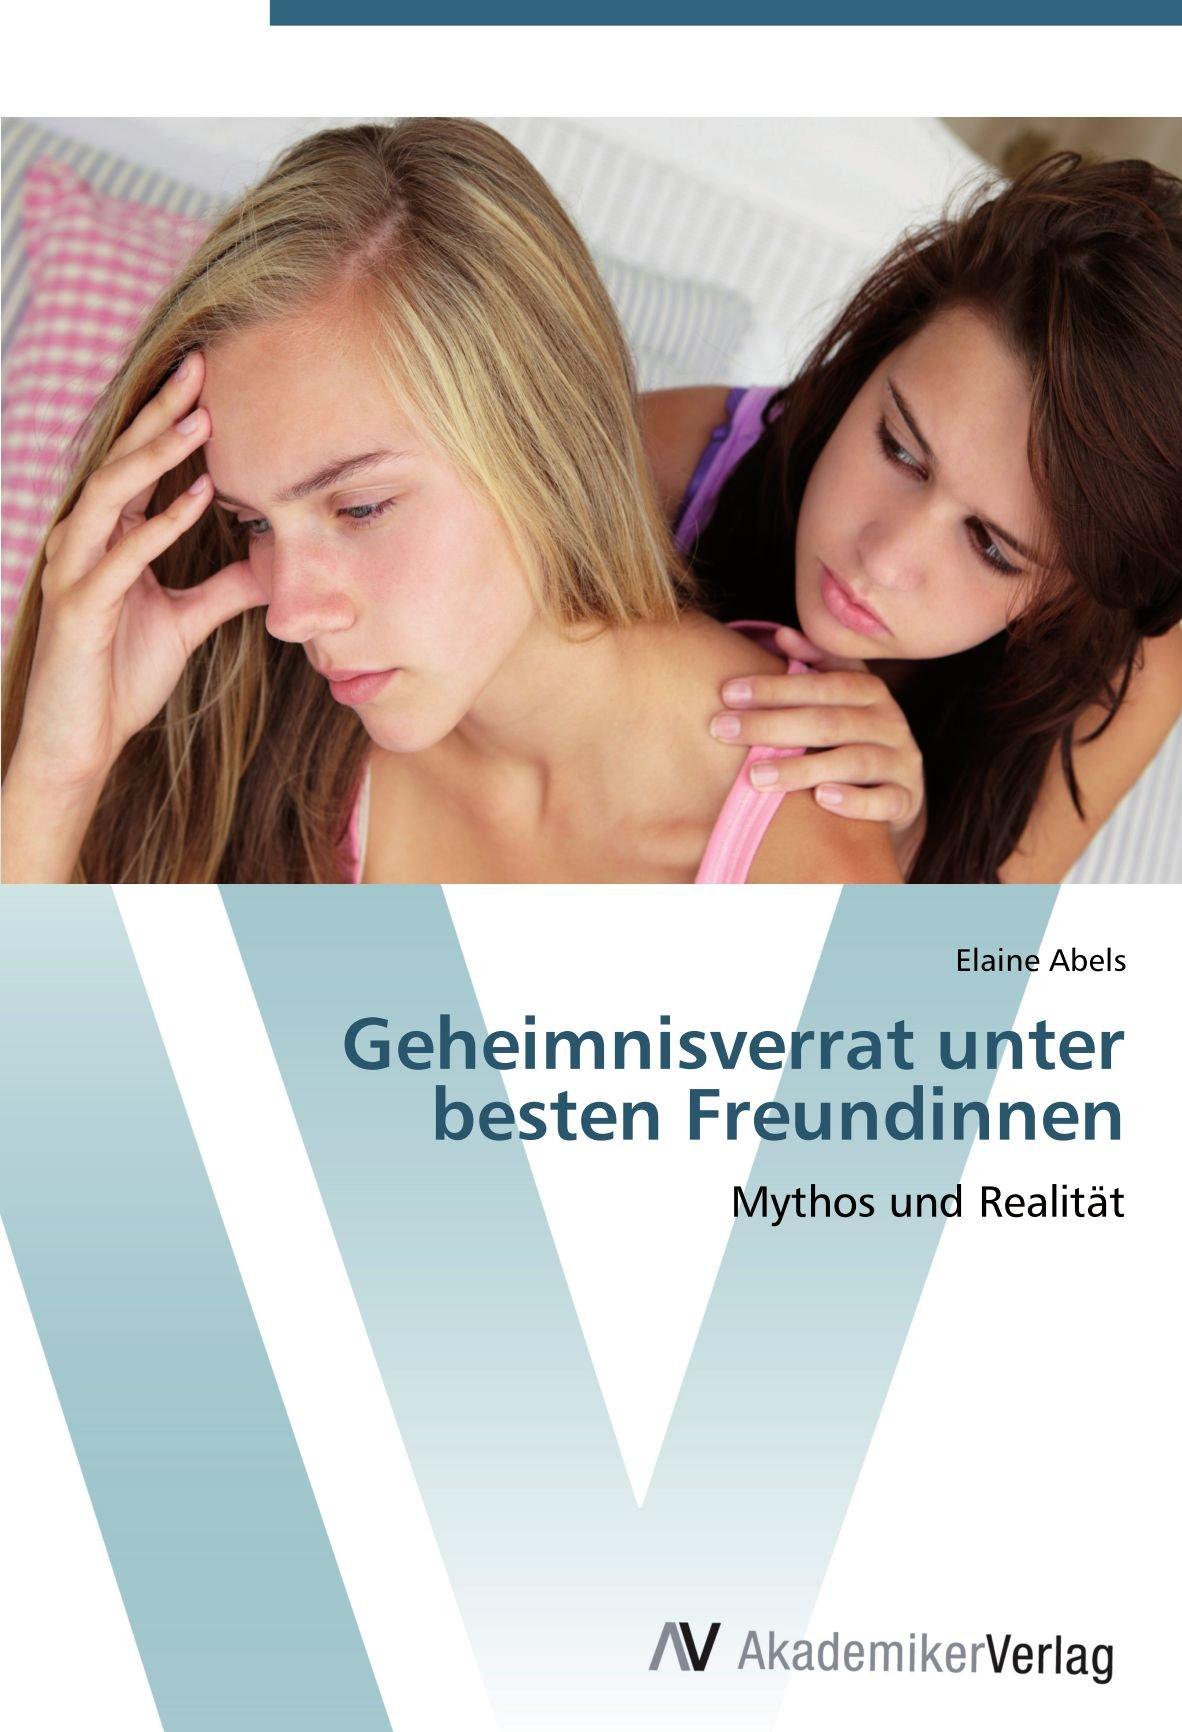 Geheimnisverrat unter besten Freundinnen: Mythos und Realität (German Edition) PDF